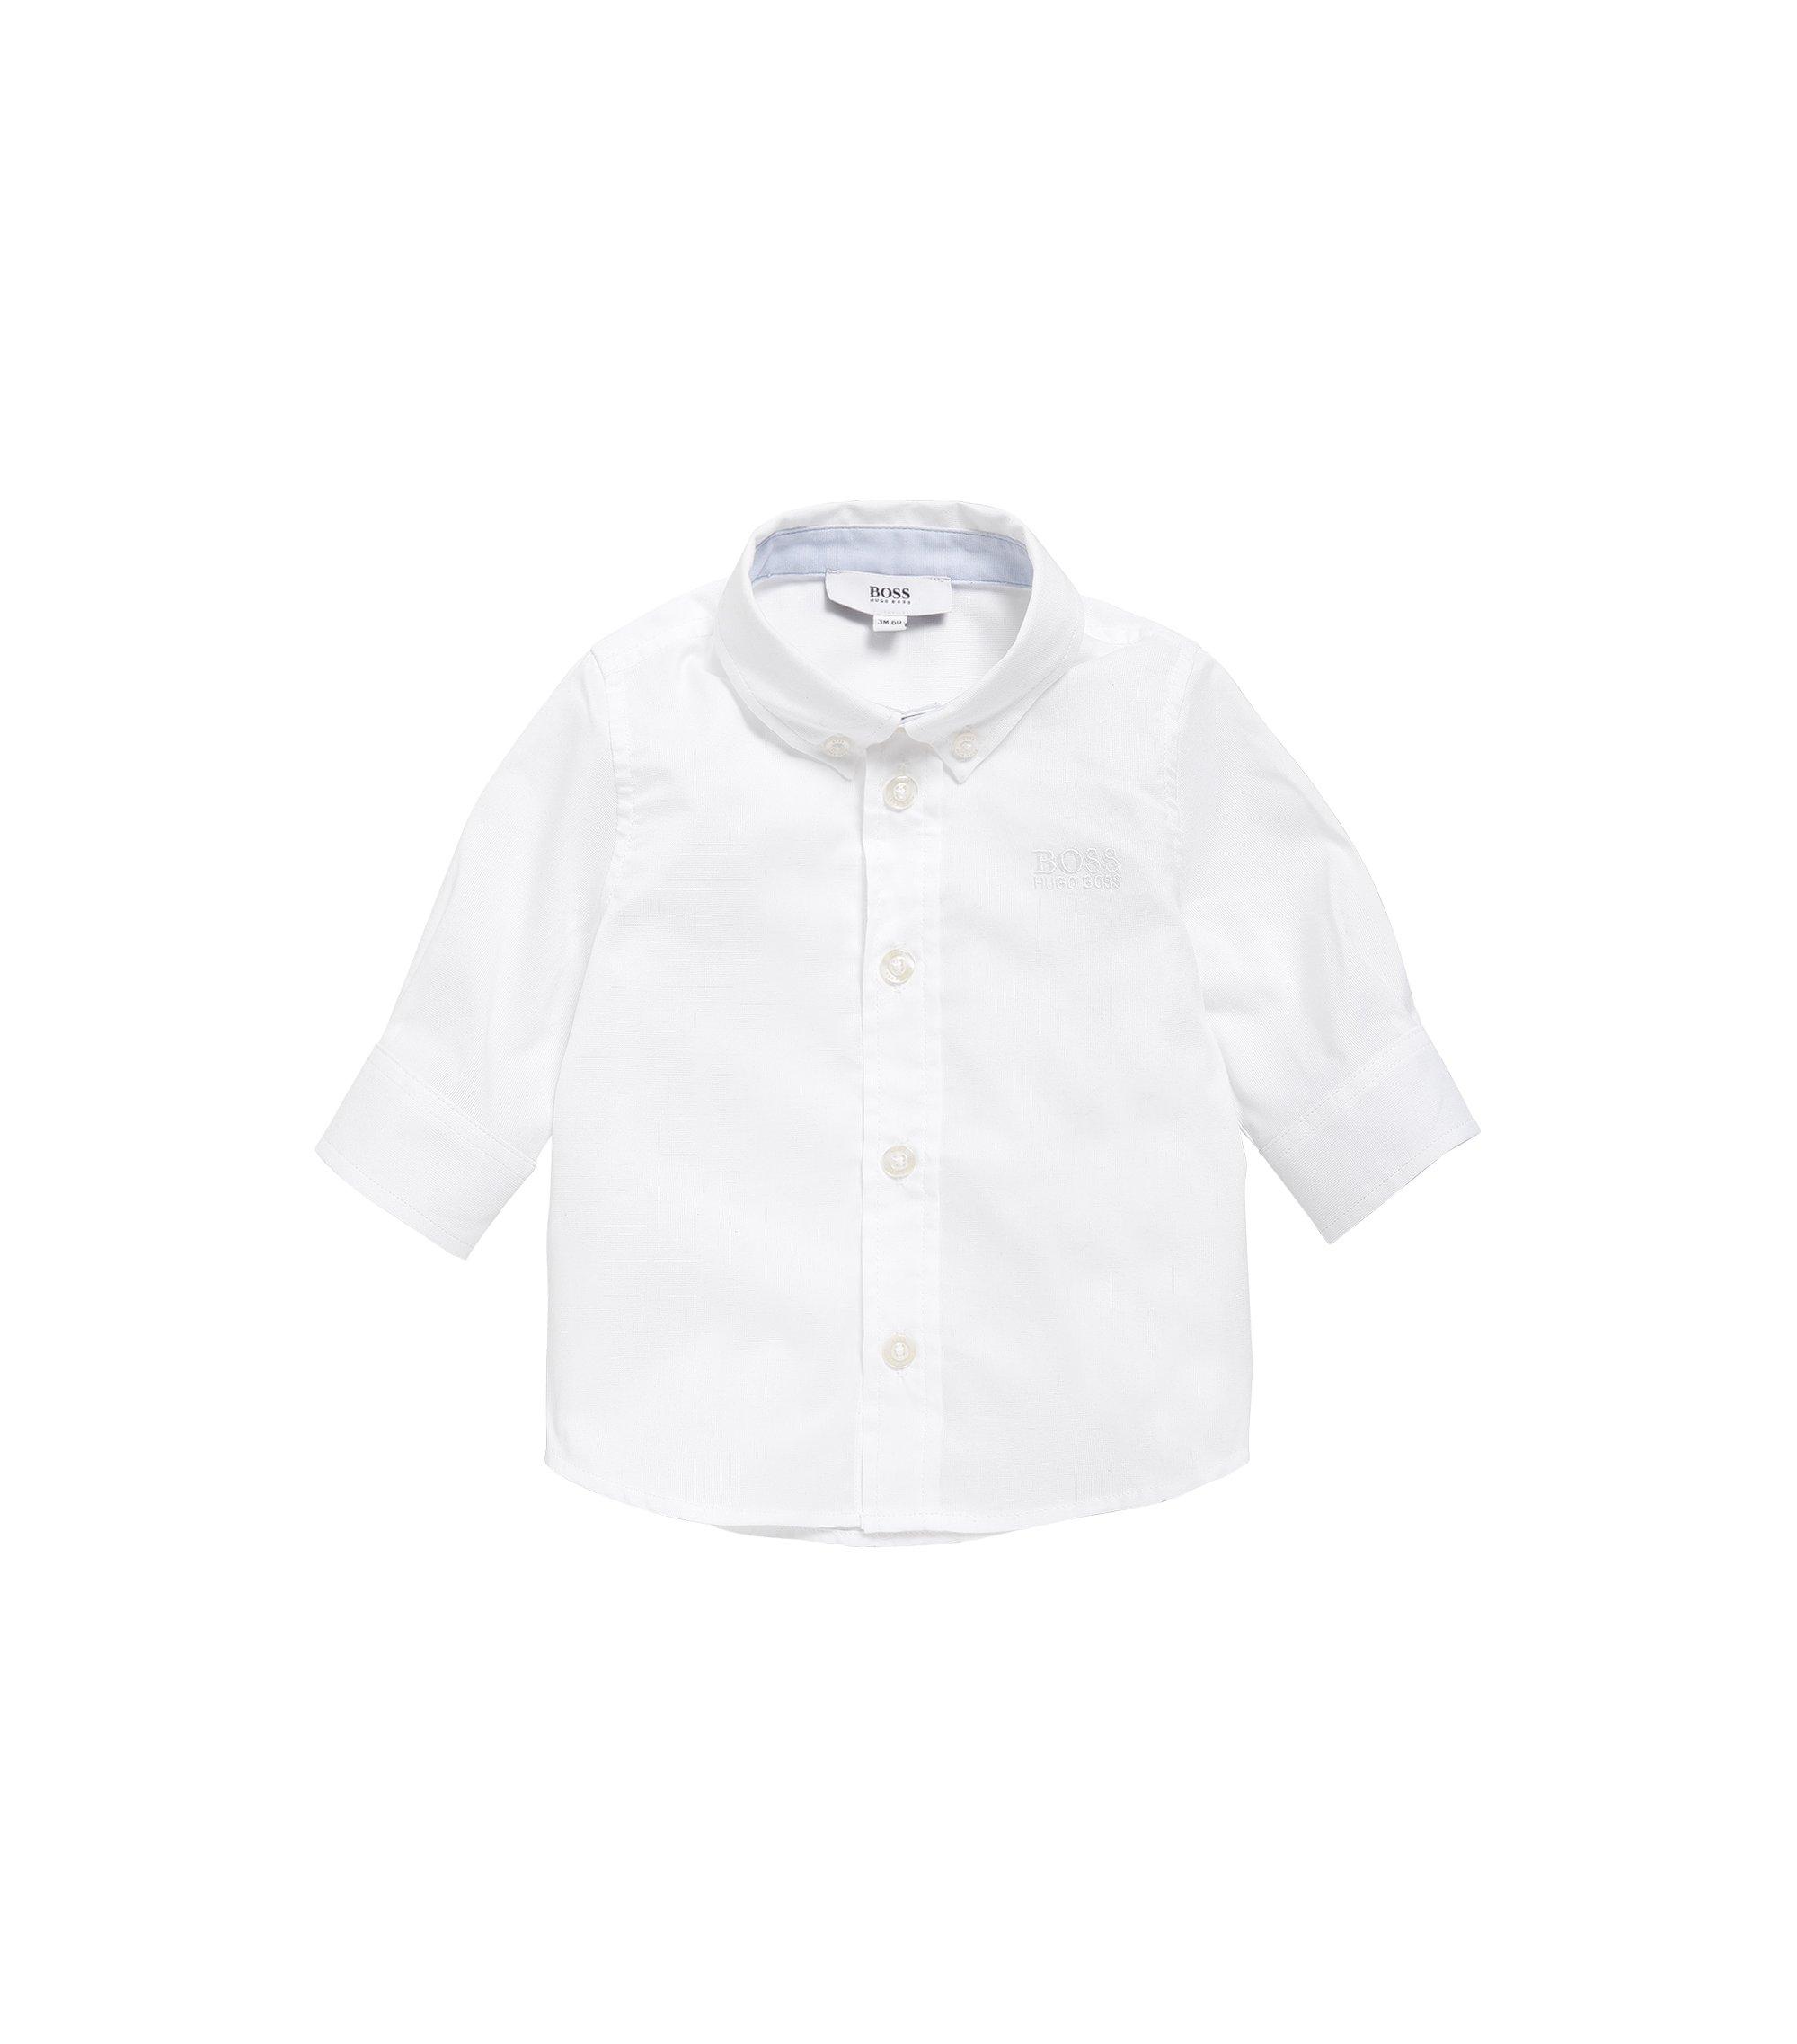 Kids-Hemd aus Baumwolle mit Button-Down-Kragen: 'J05508', Weiß